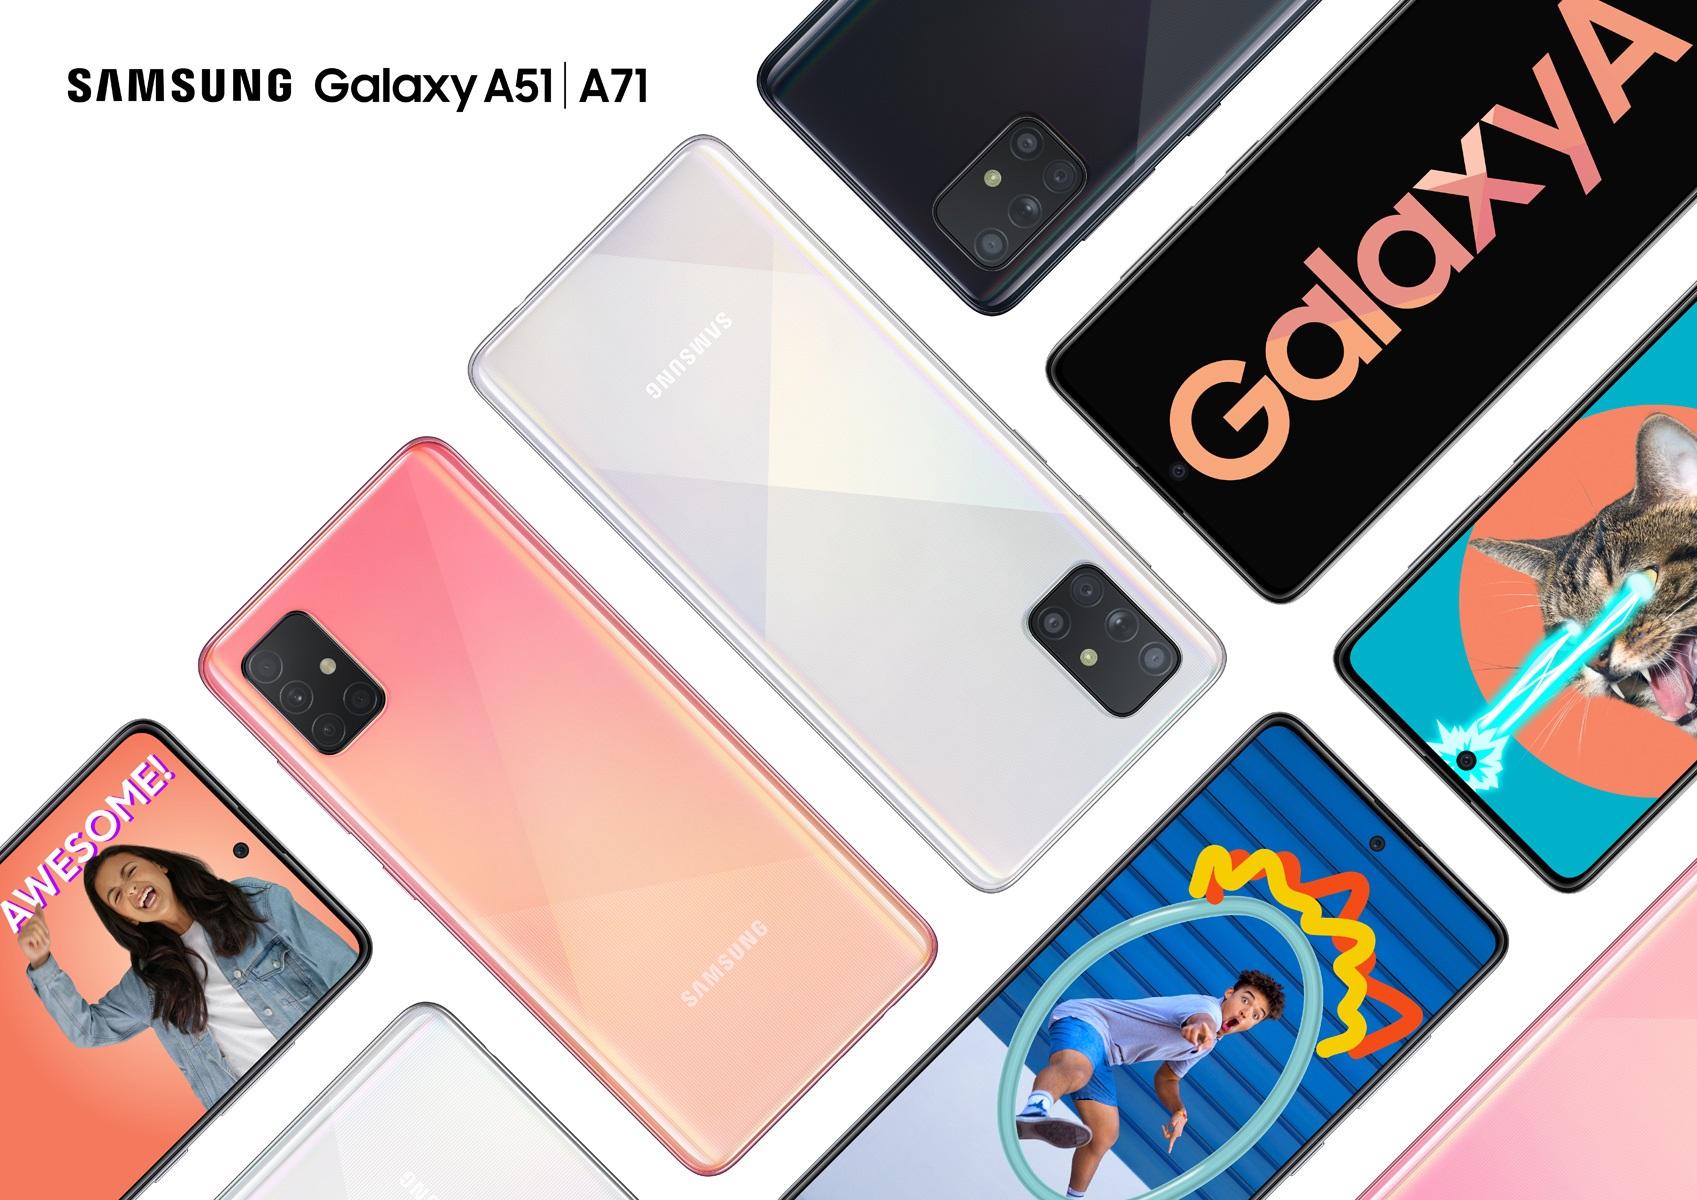 แรงตั้งแต่ต้นปี Samsung Galaxy A51 และ Samsung Galaxy A71 จัดเต็มฟีเจอร์ กล้อง-จอ-แบต สุดทุกเรื่องในเครื่องเดียว